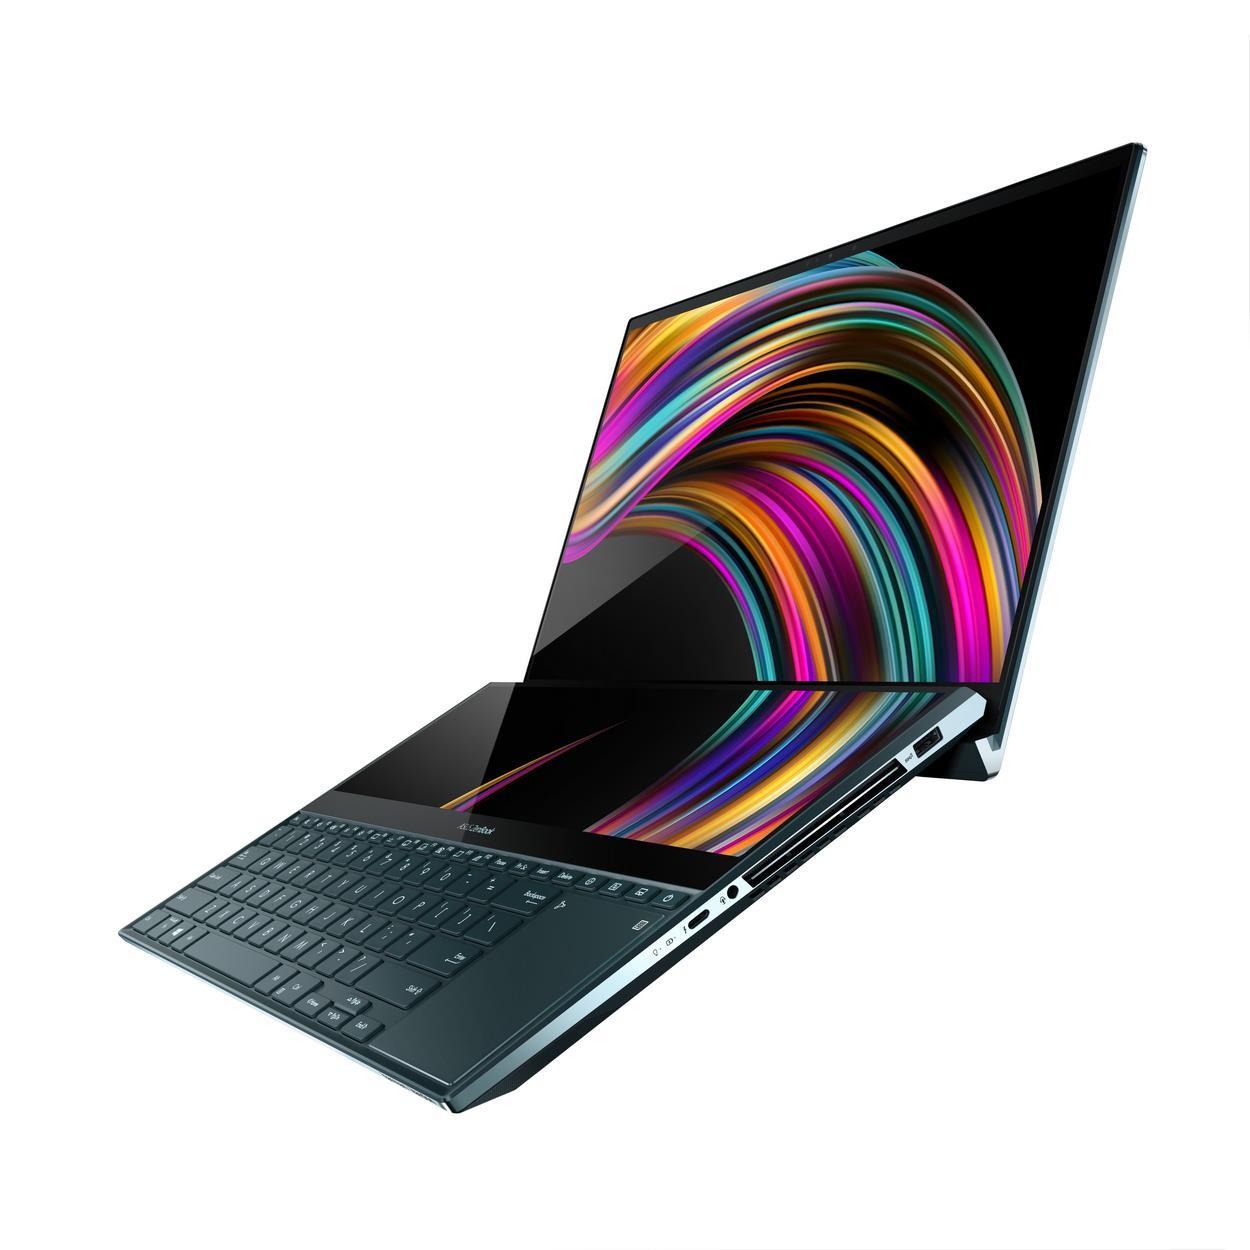 ASUS Zenbook Pro Duo UX581 10